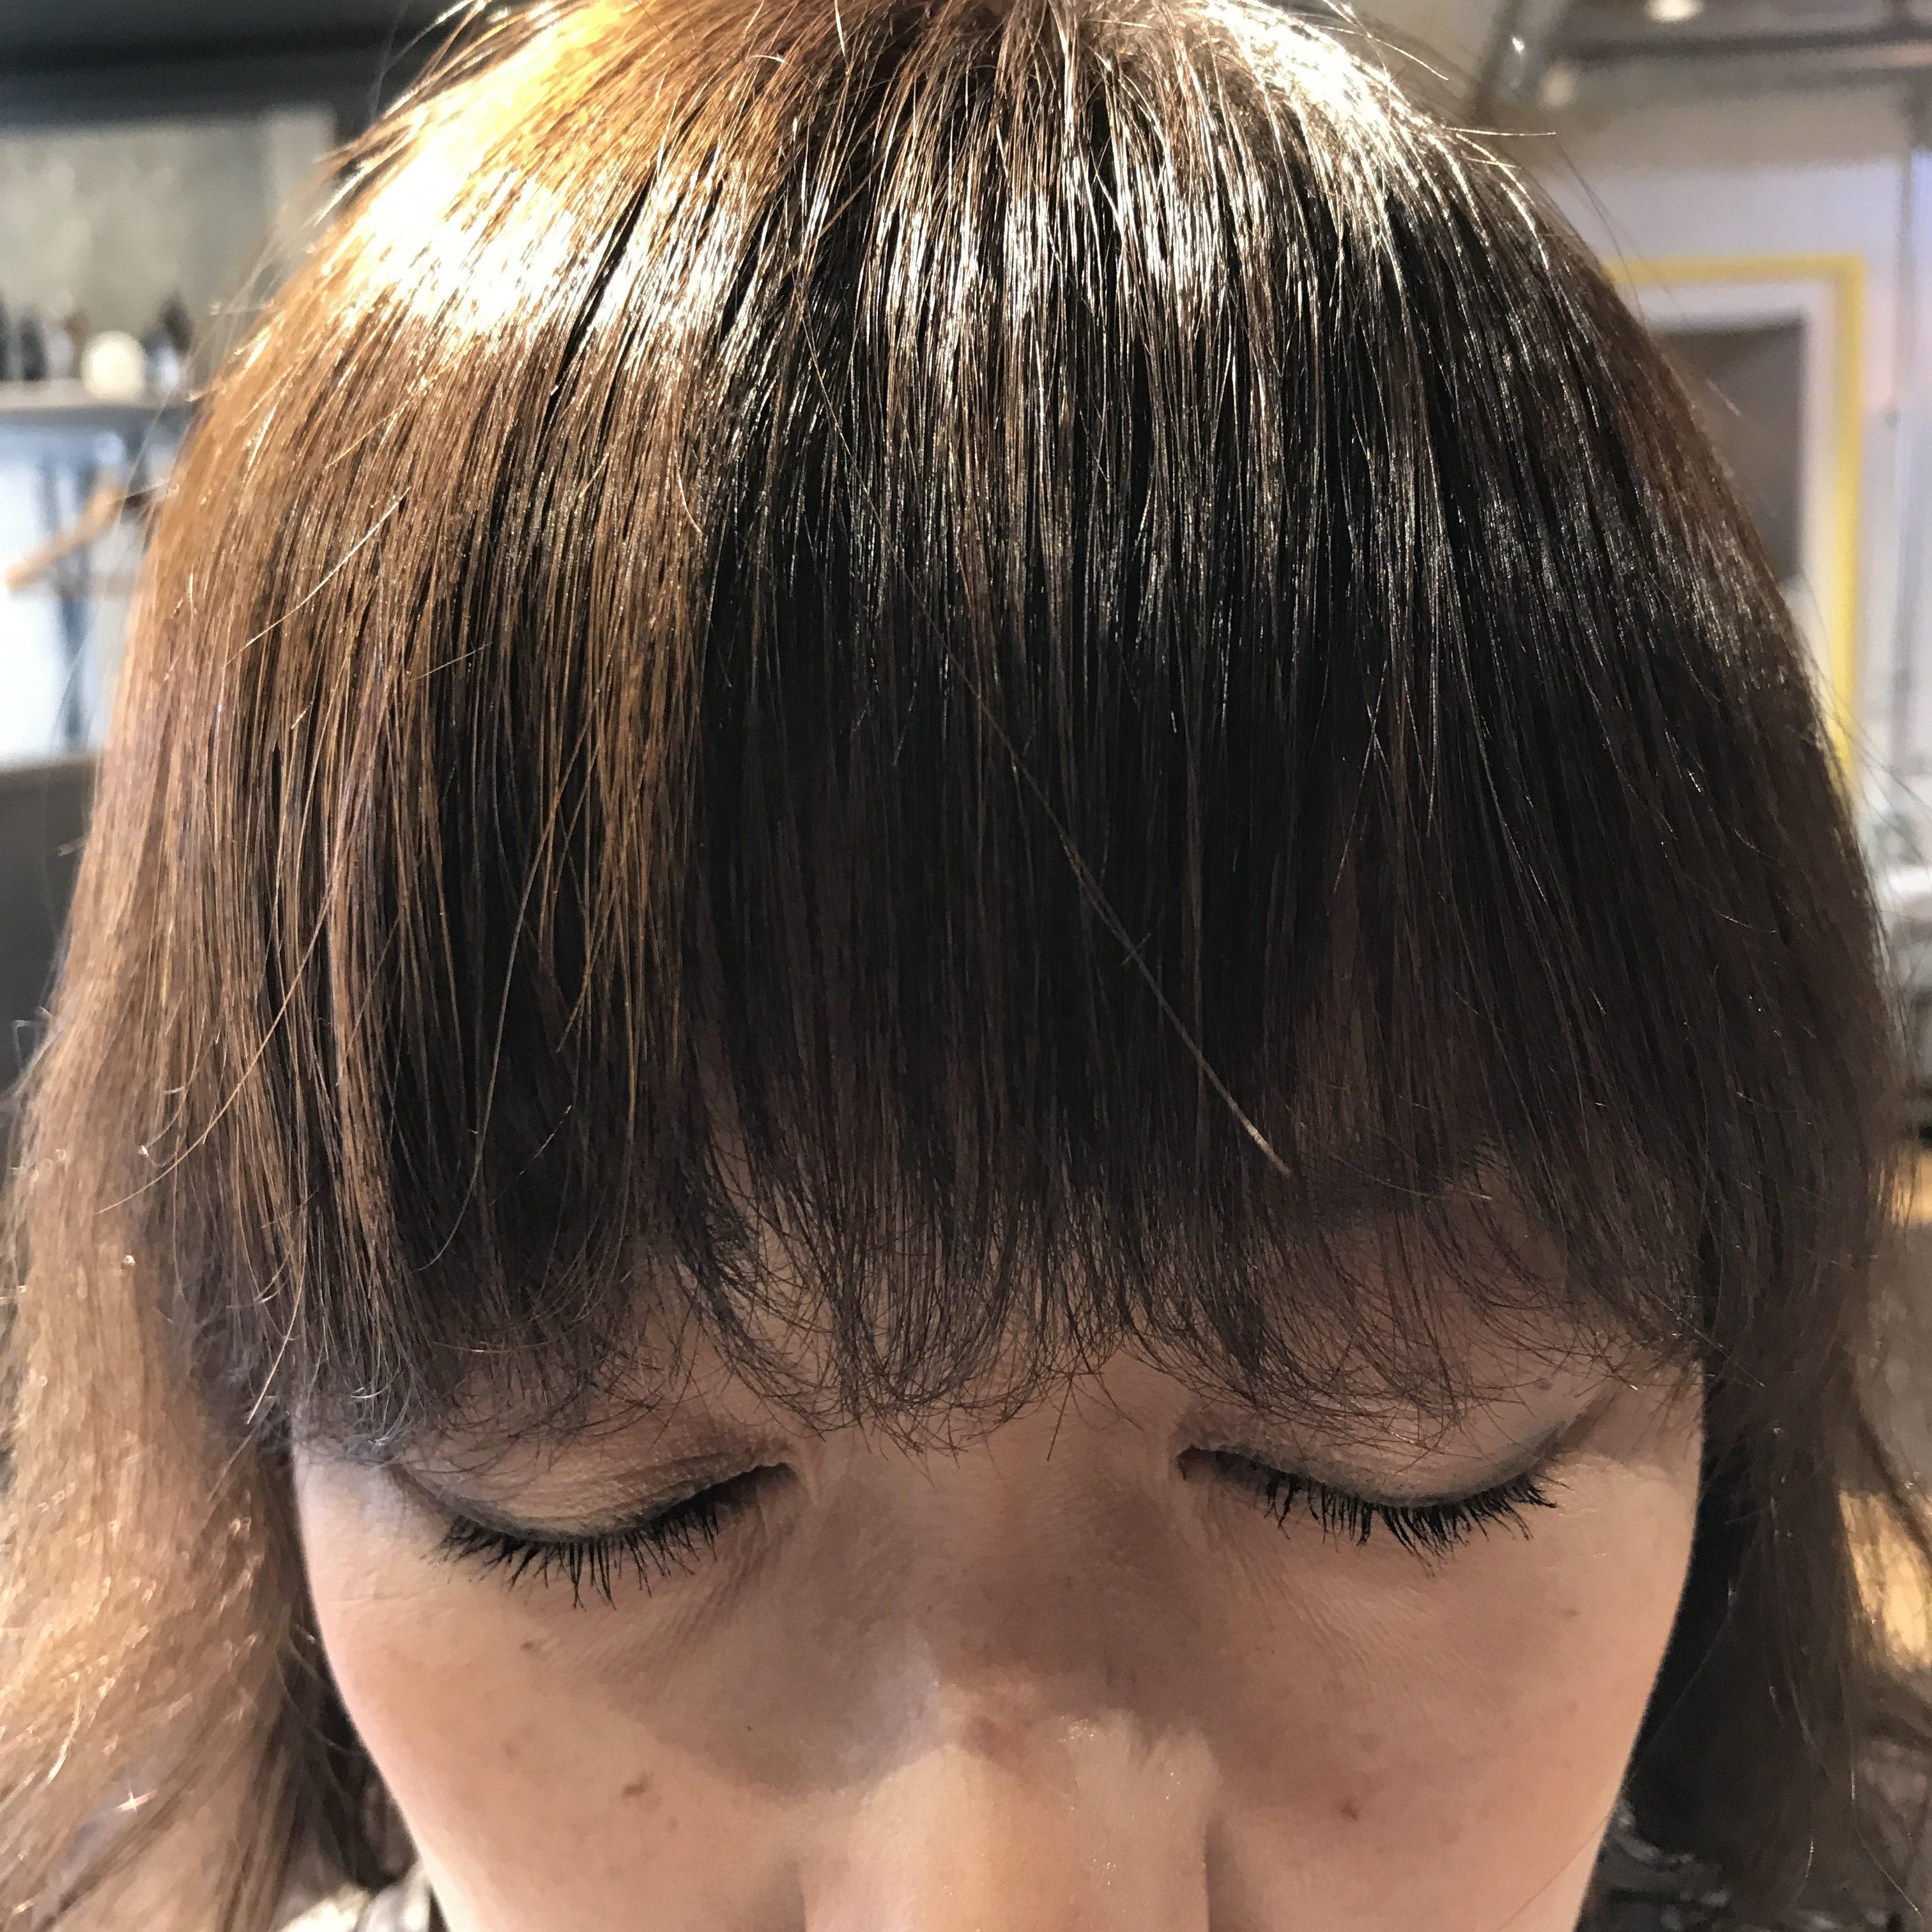 ステップ1: コームを使用して前髪の量・幅を確認する